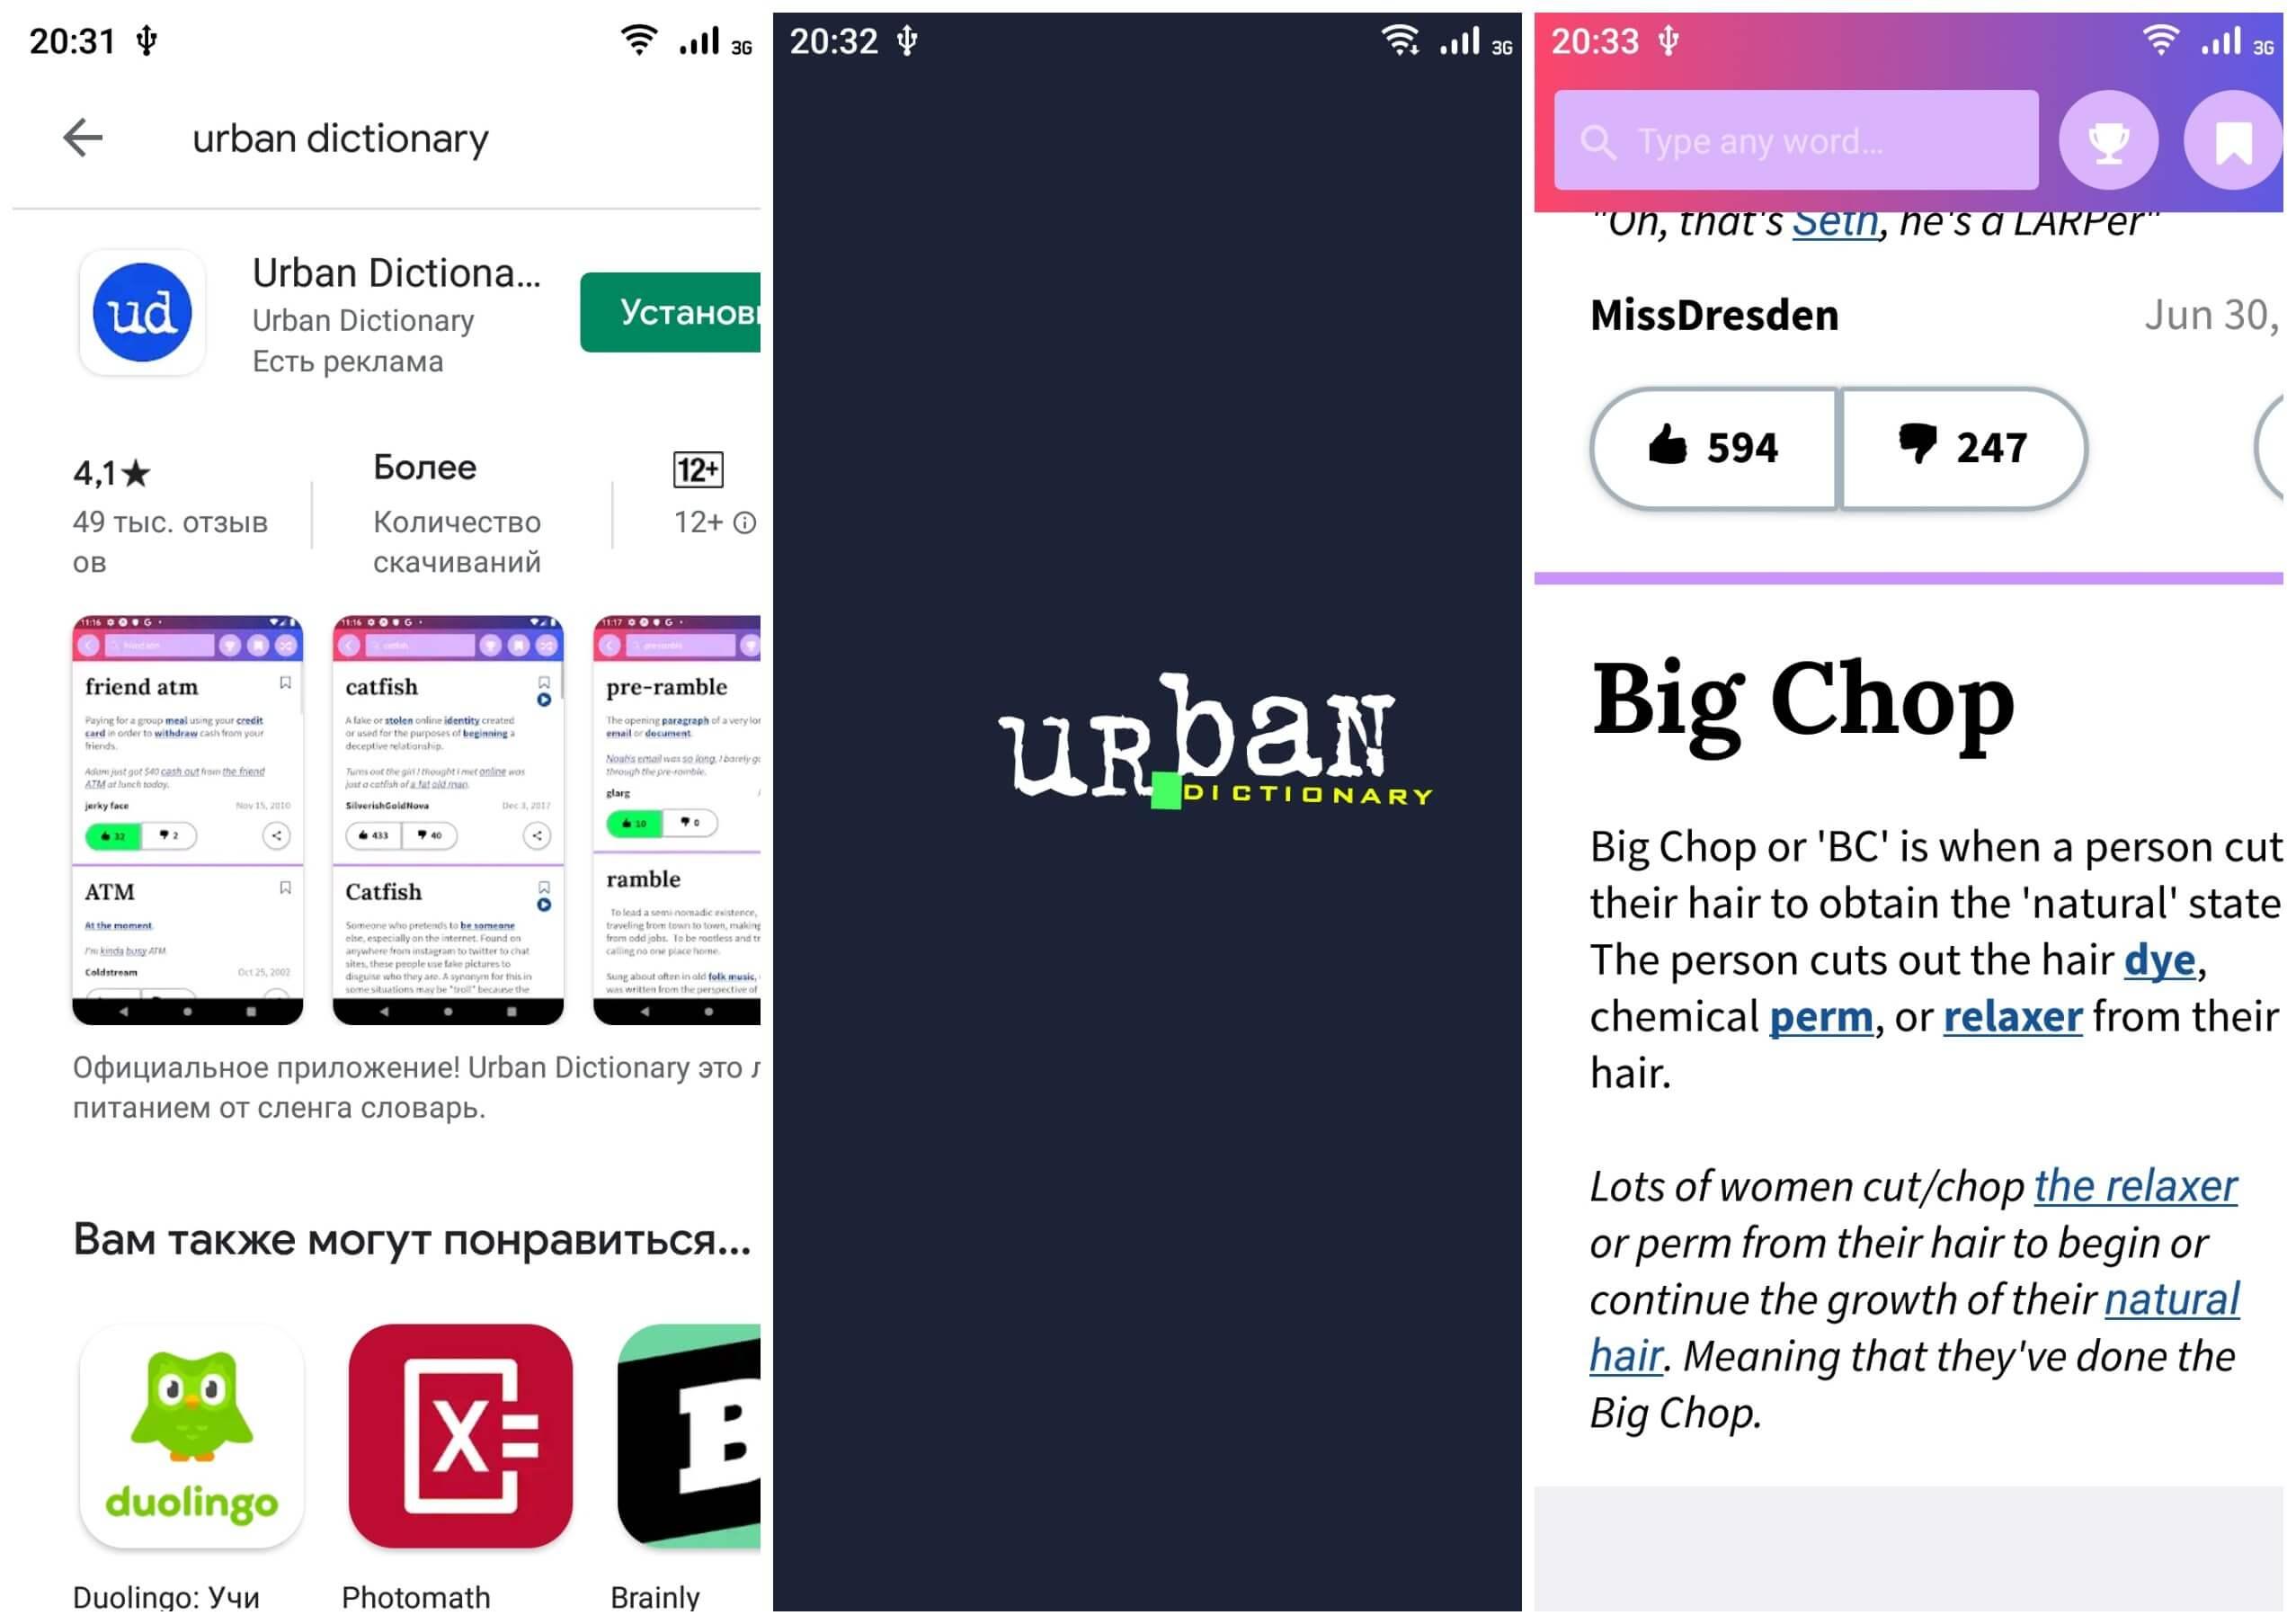 На фото приложение для английского Urban Dictionary.